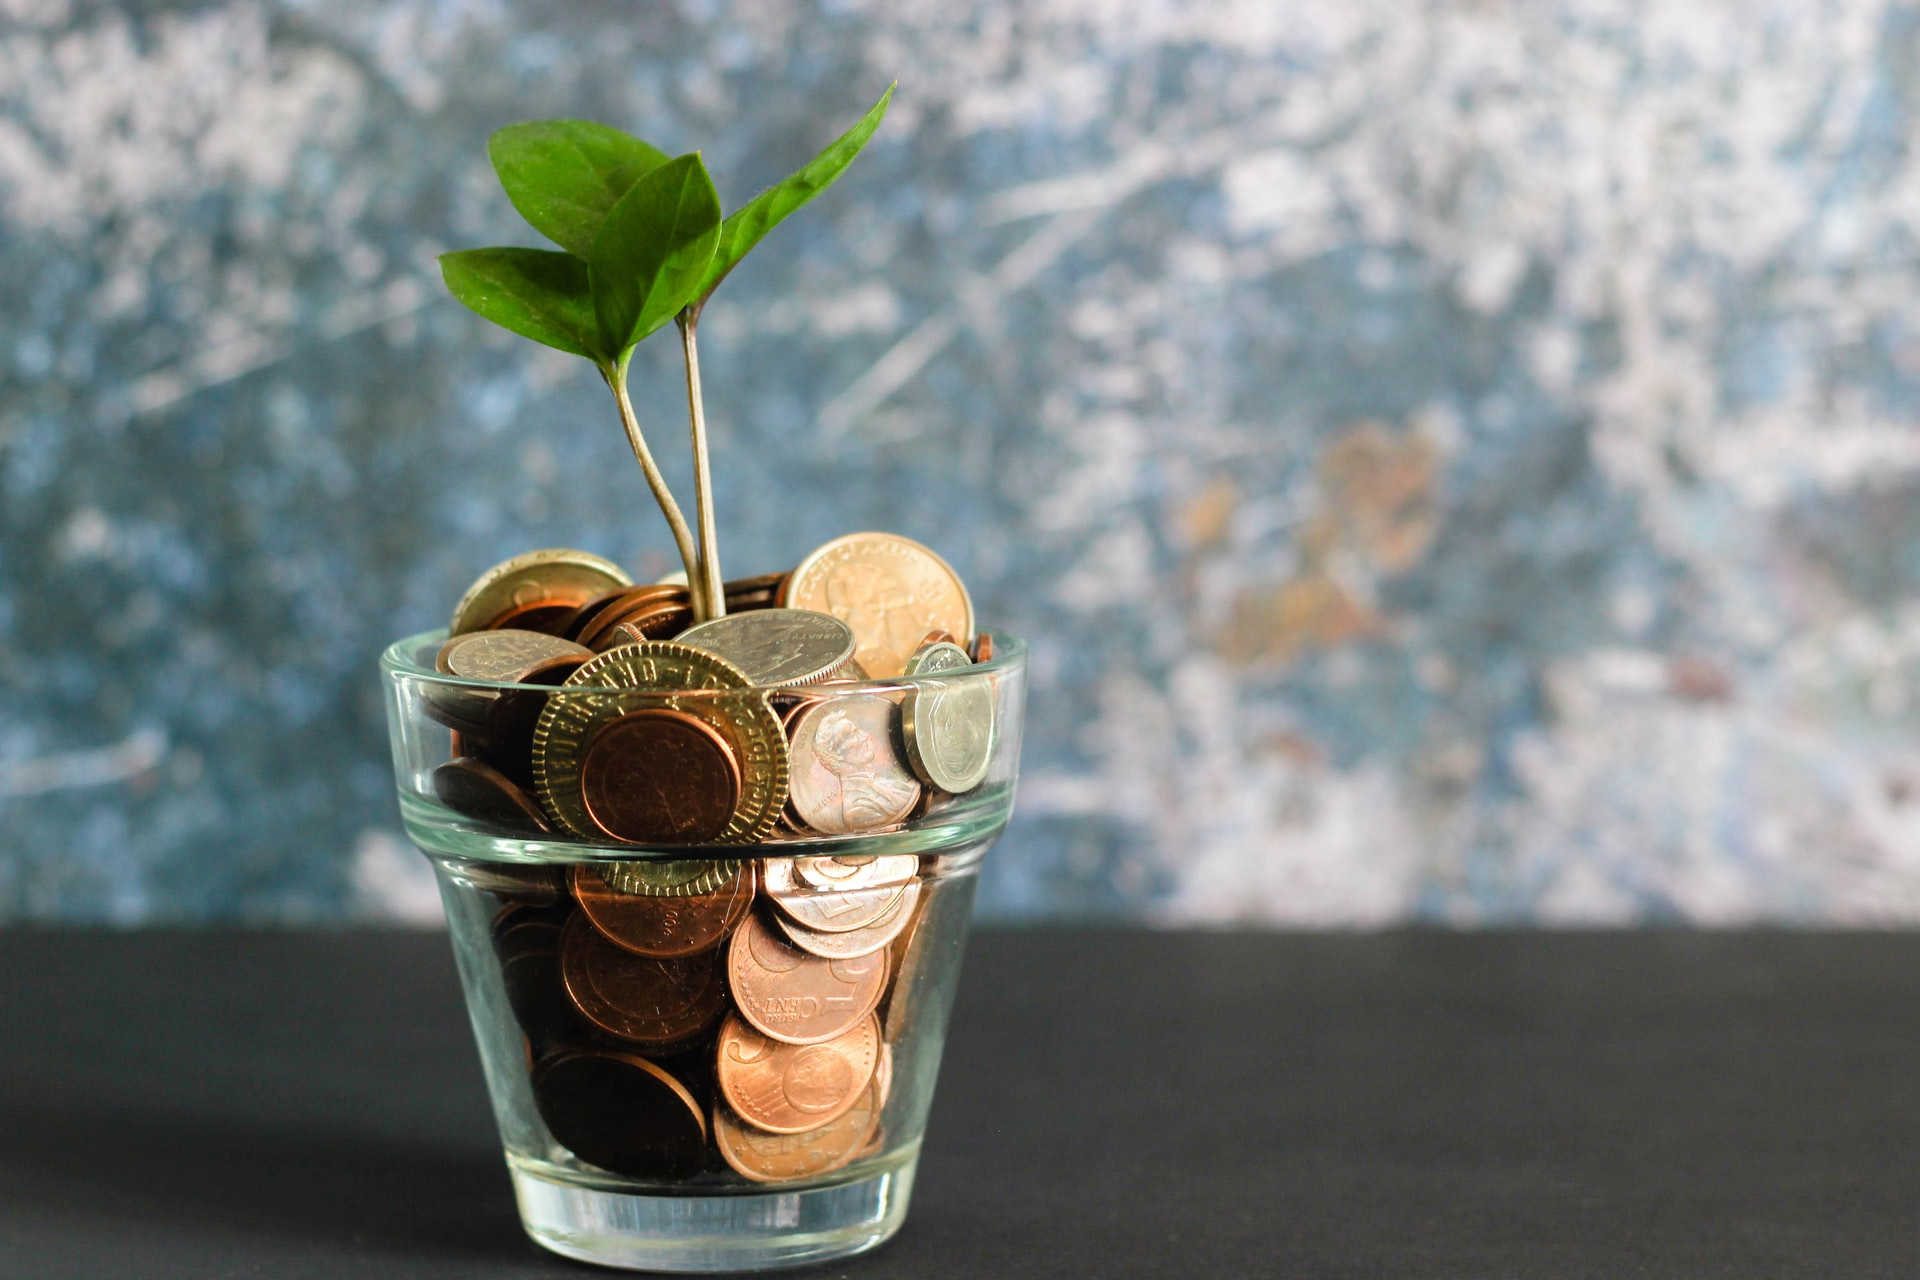 【2021】起業するなら活用したい助成金・補助金まとめ!注意点も解説